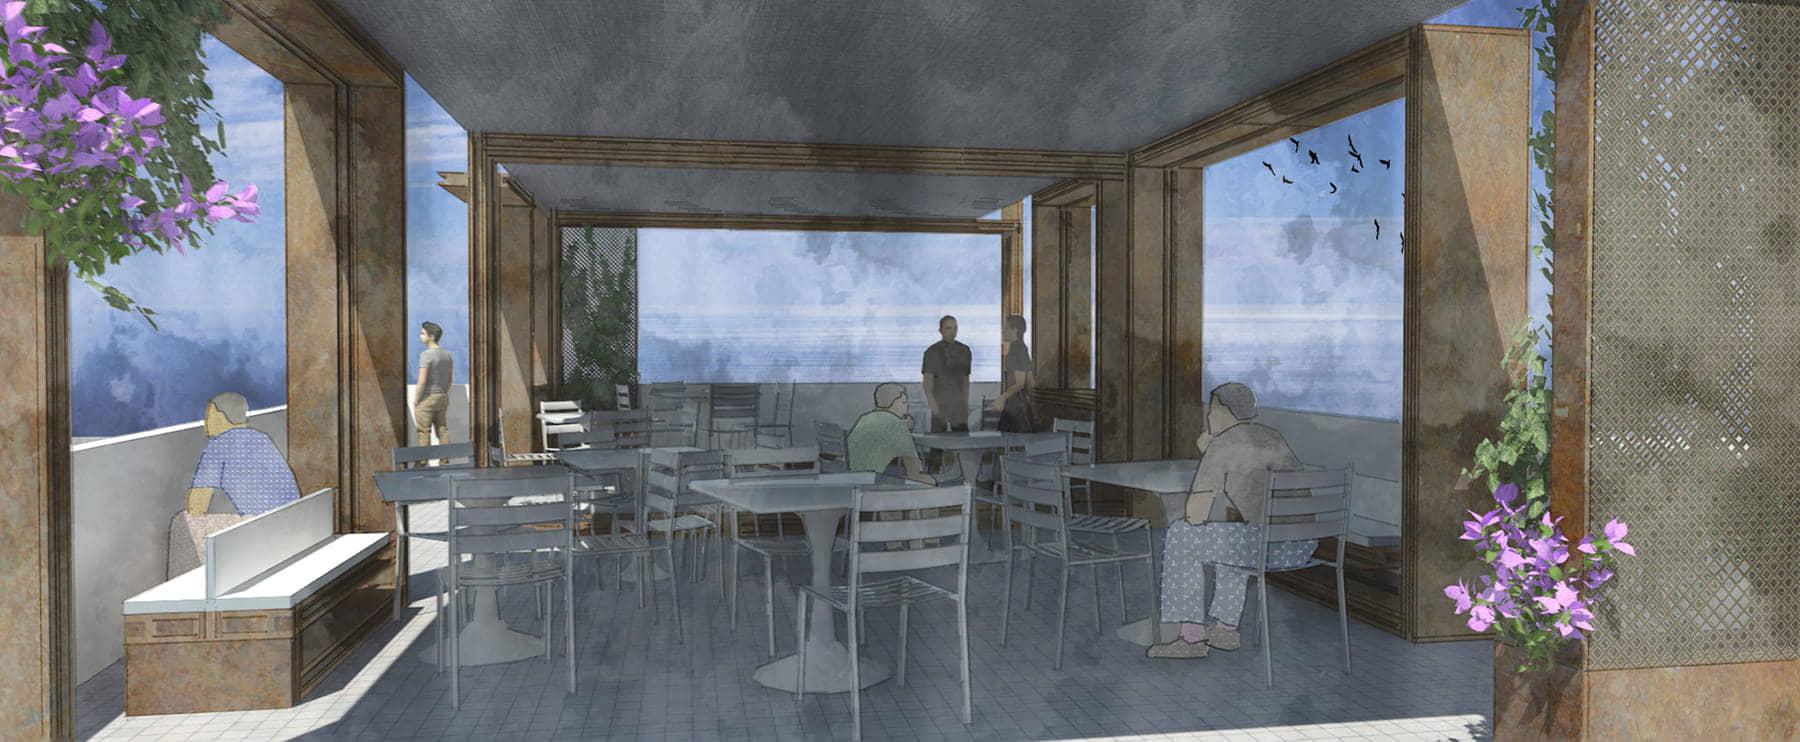 alt=vista interior 3 de terrazas contenidas del puerto marítimo